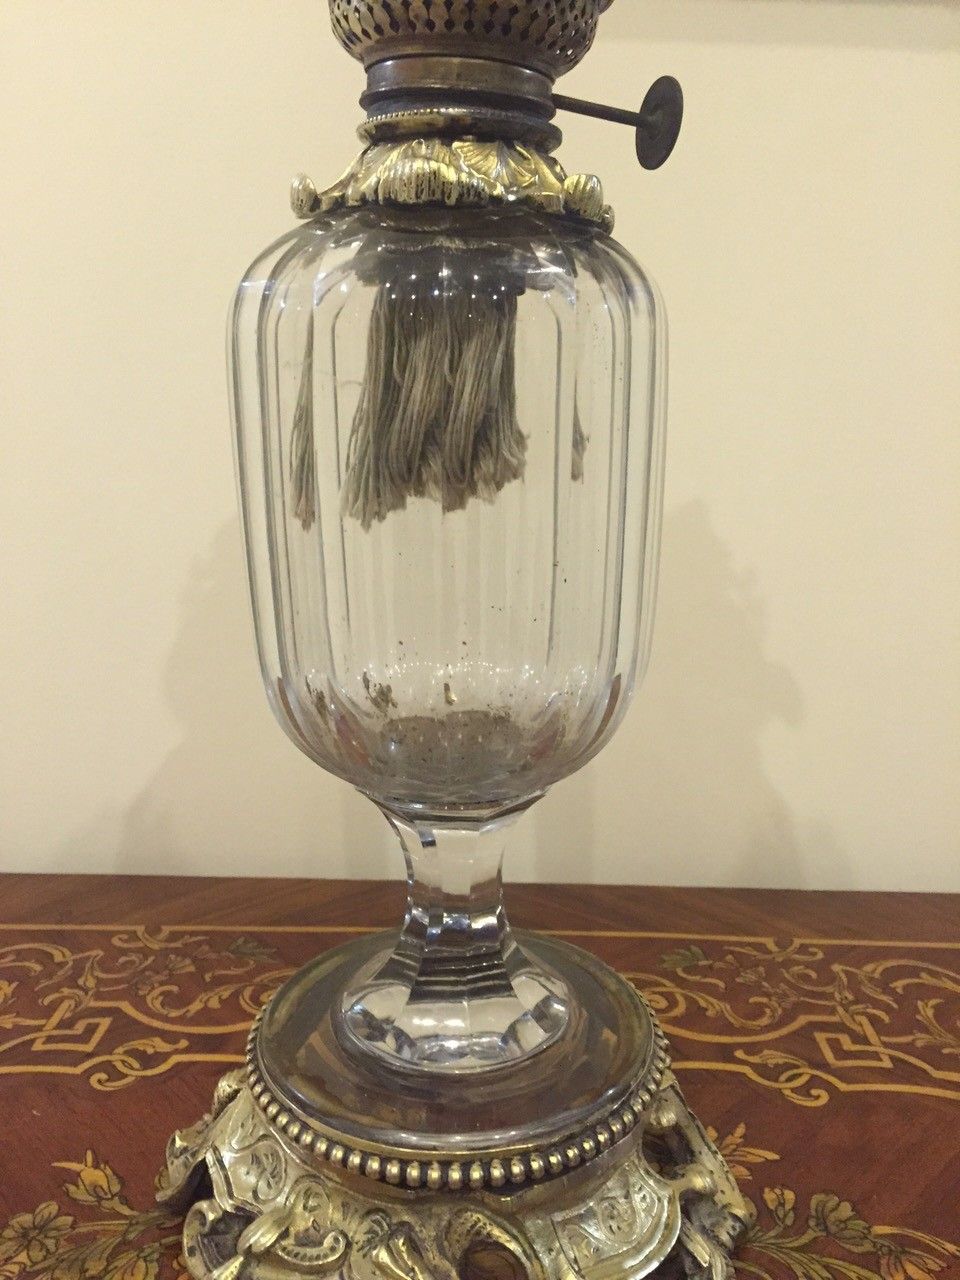 Антикварная керосиновая лампа с хрустальной емкостью 160502003